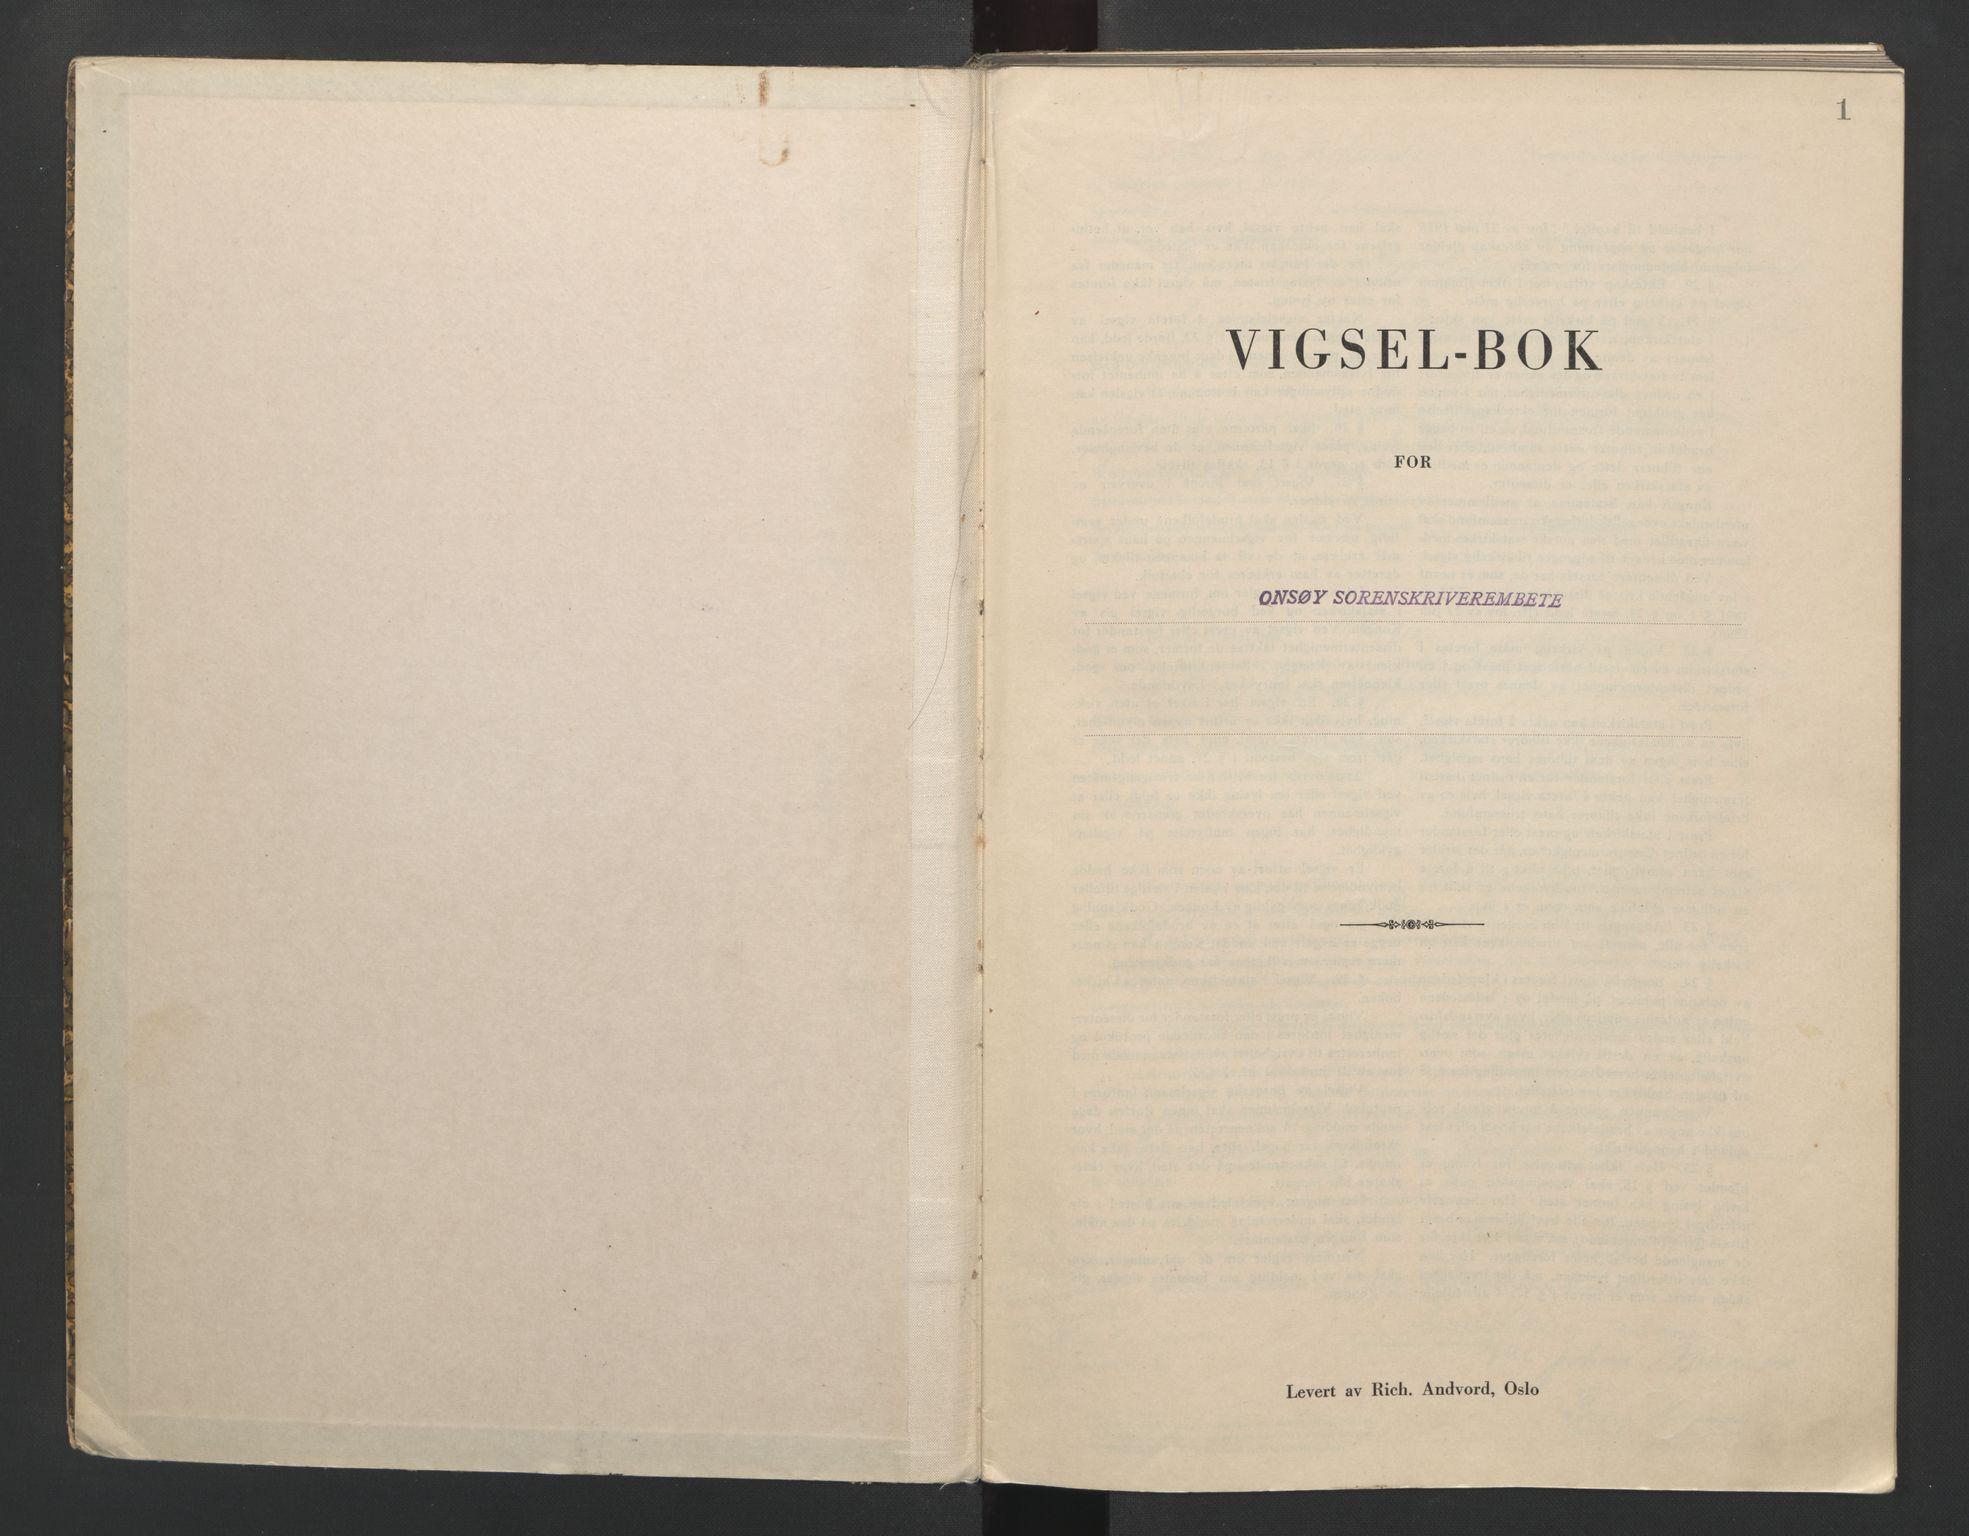 SAO, Onsøy sorenskriveri, L/La/L0004: Vigselsbok, 1943-1944, s. 1